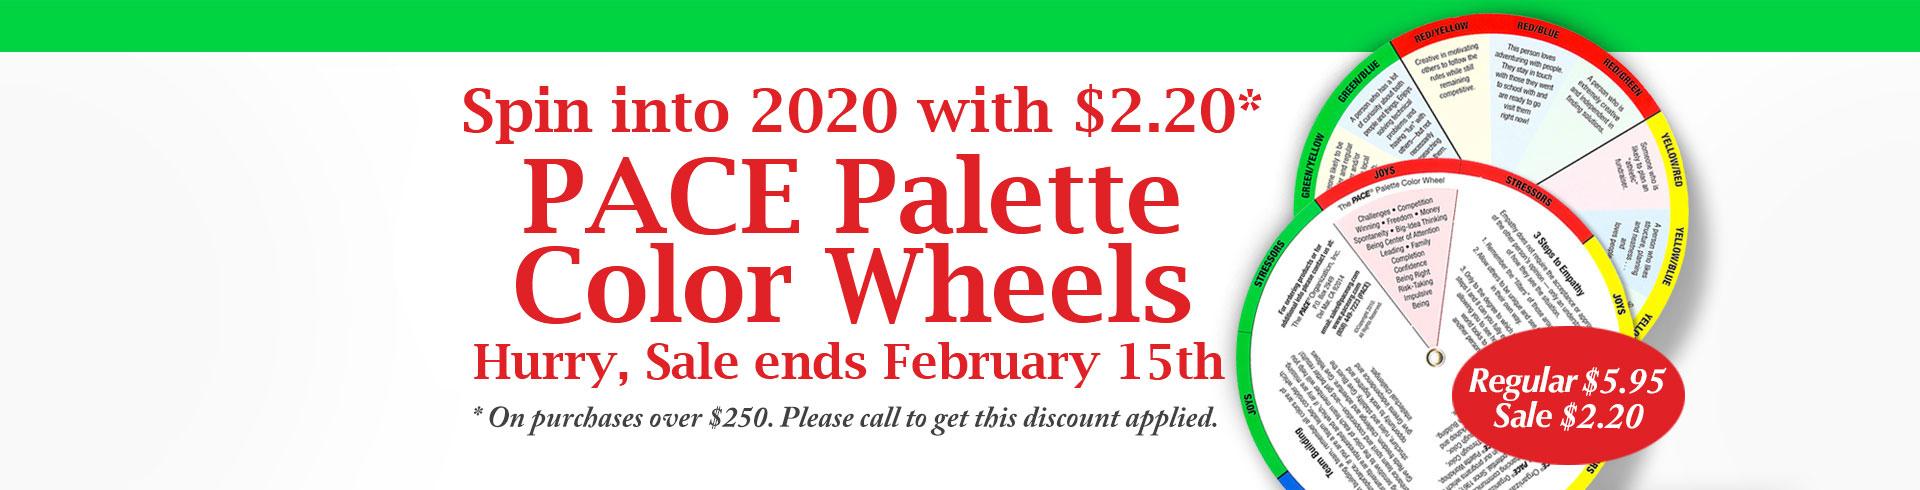 PACE-Color-Wheel-Jan-2020